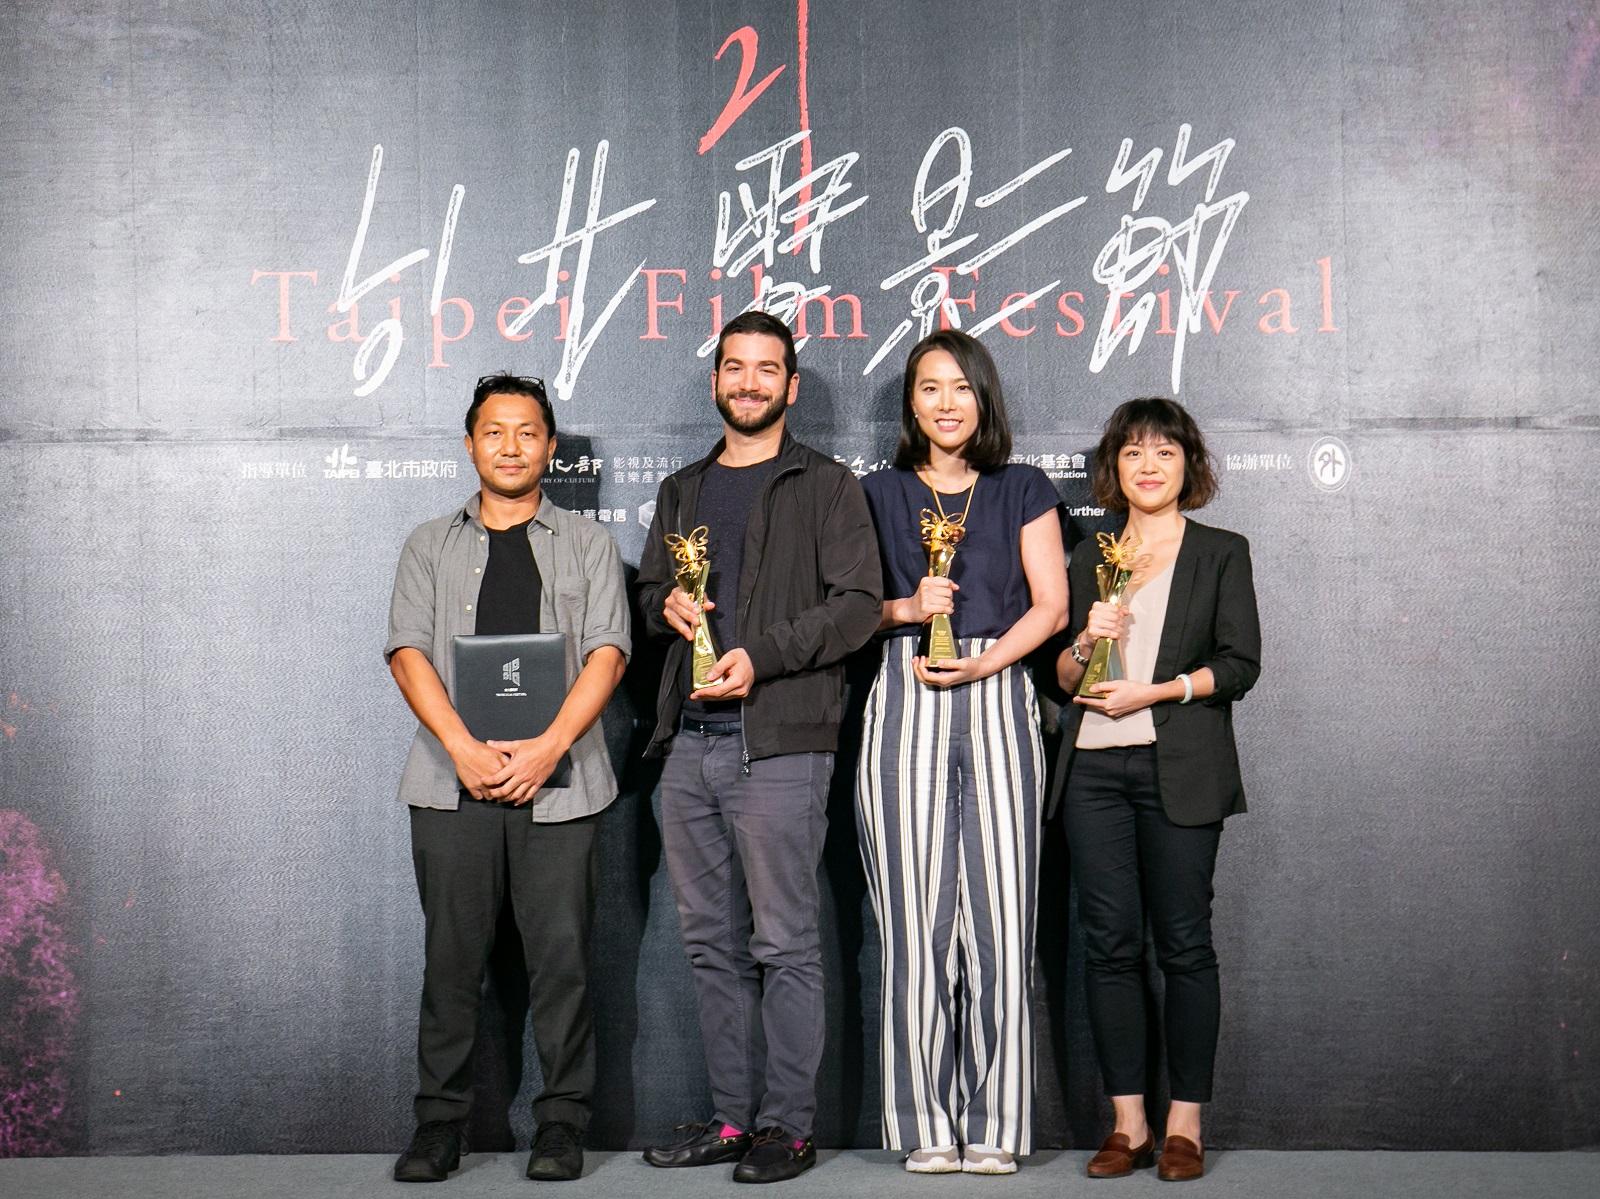 2019國際新導演競賽得獎者,左起「特別提及」《邊境幻夢》、「最佳影片」《蘿莉破壞王》、「評審團特別獎」《我們與愛的距離》、「觀眾票選獎」《大餓》